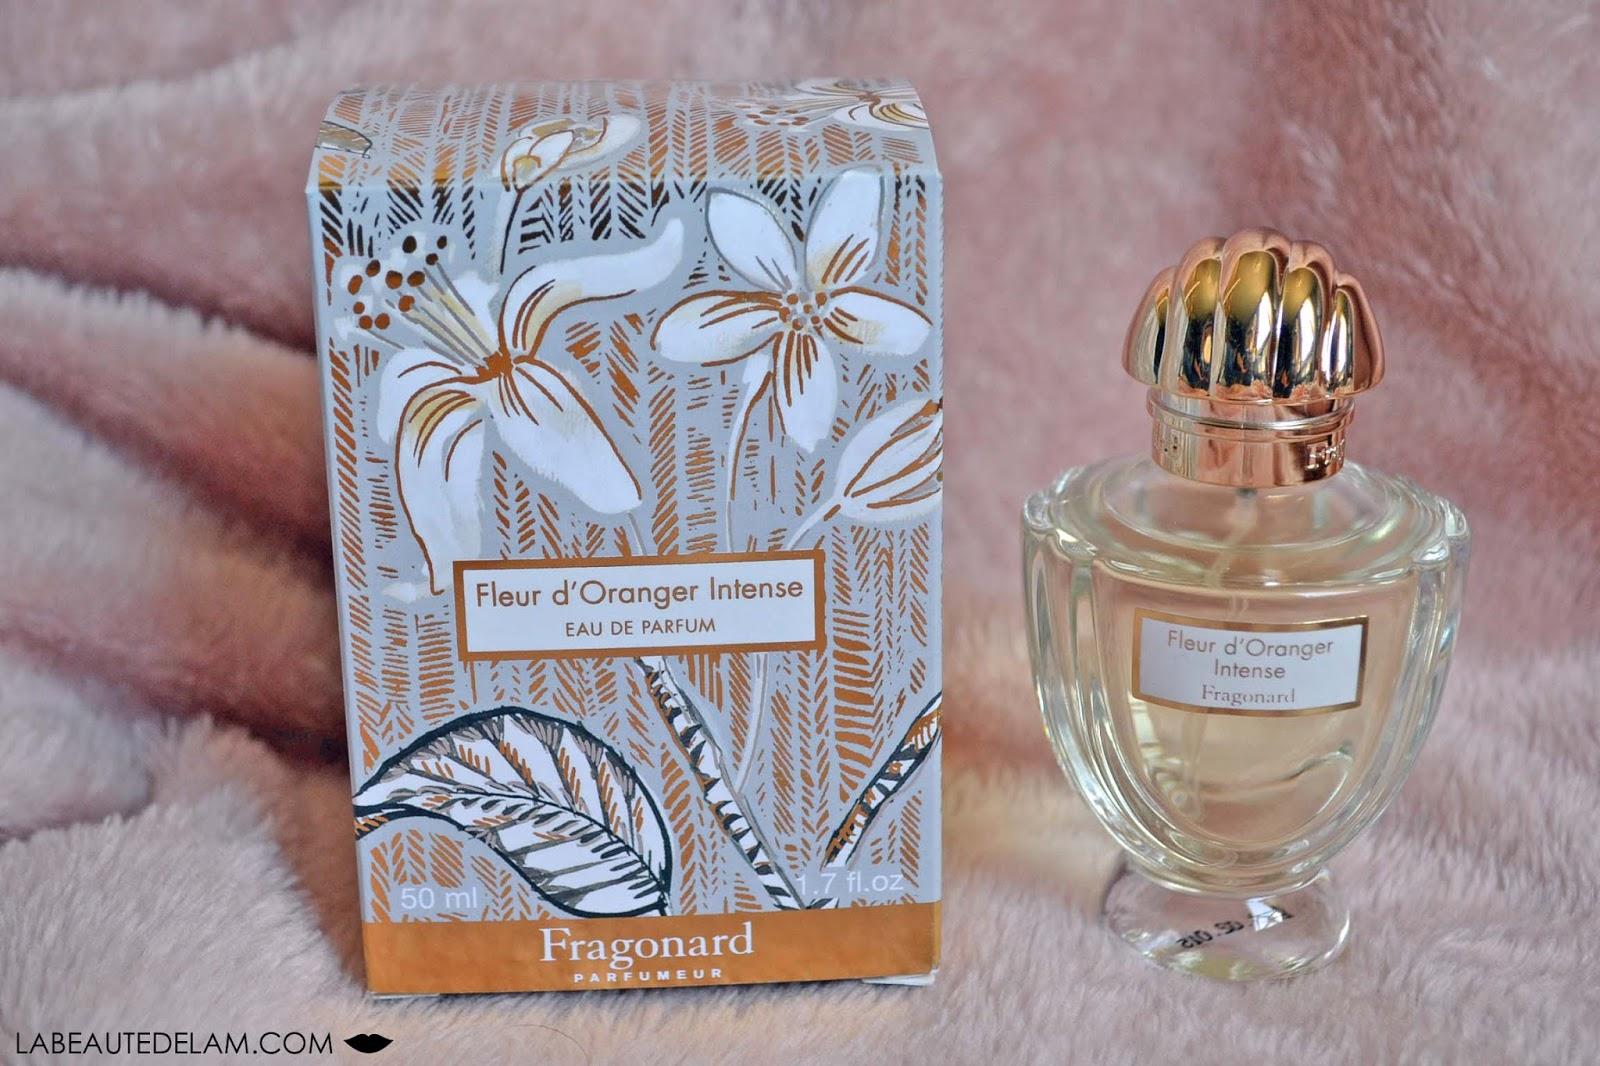 Fleur Doranger Intense Le Parfum Des 90 Ans De Fragonard Clos